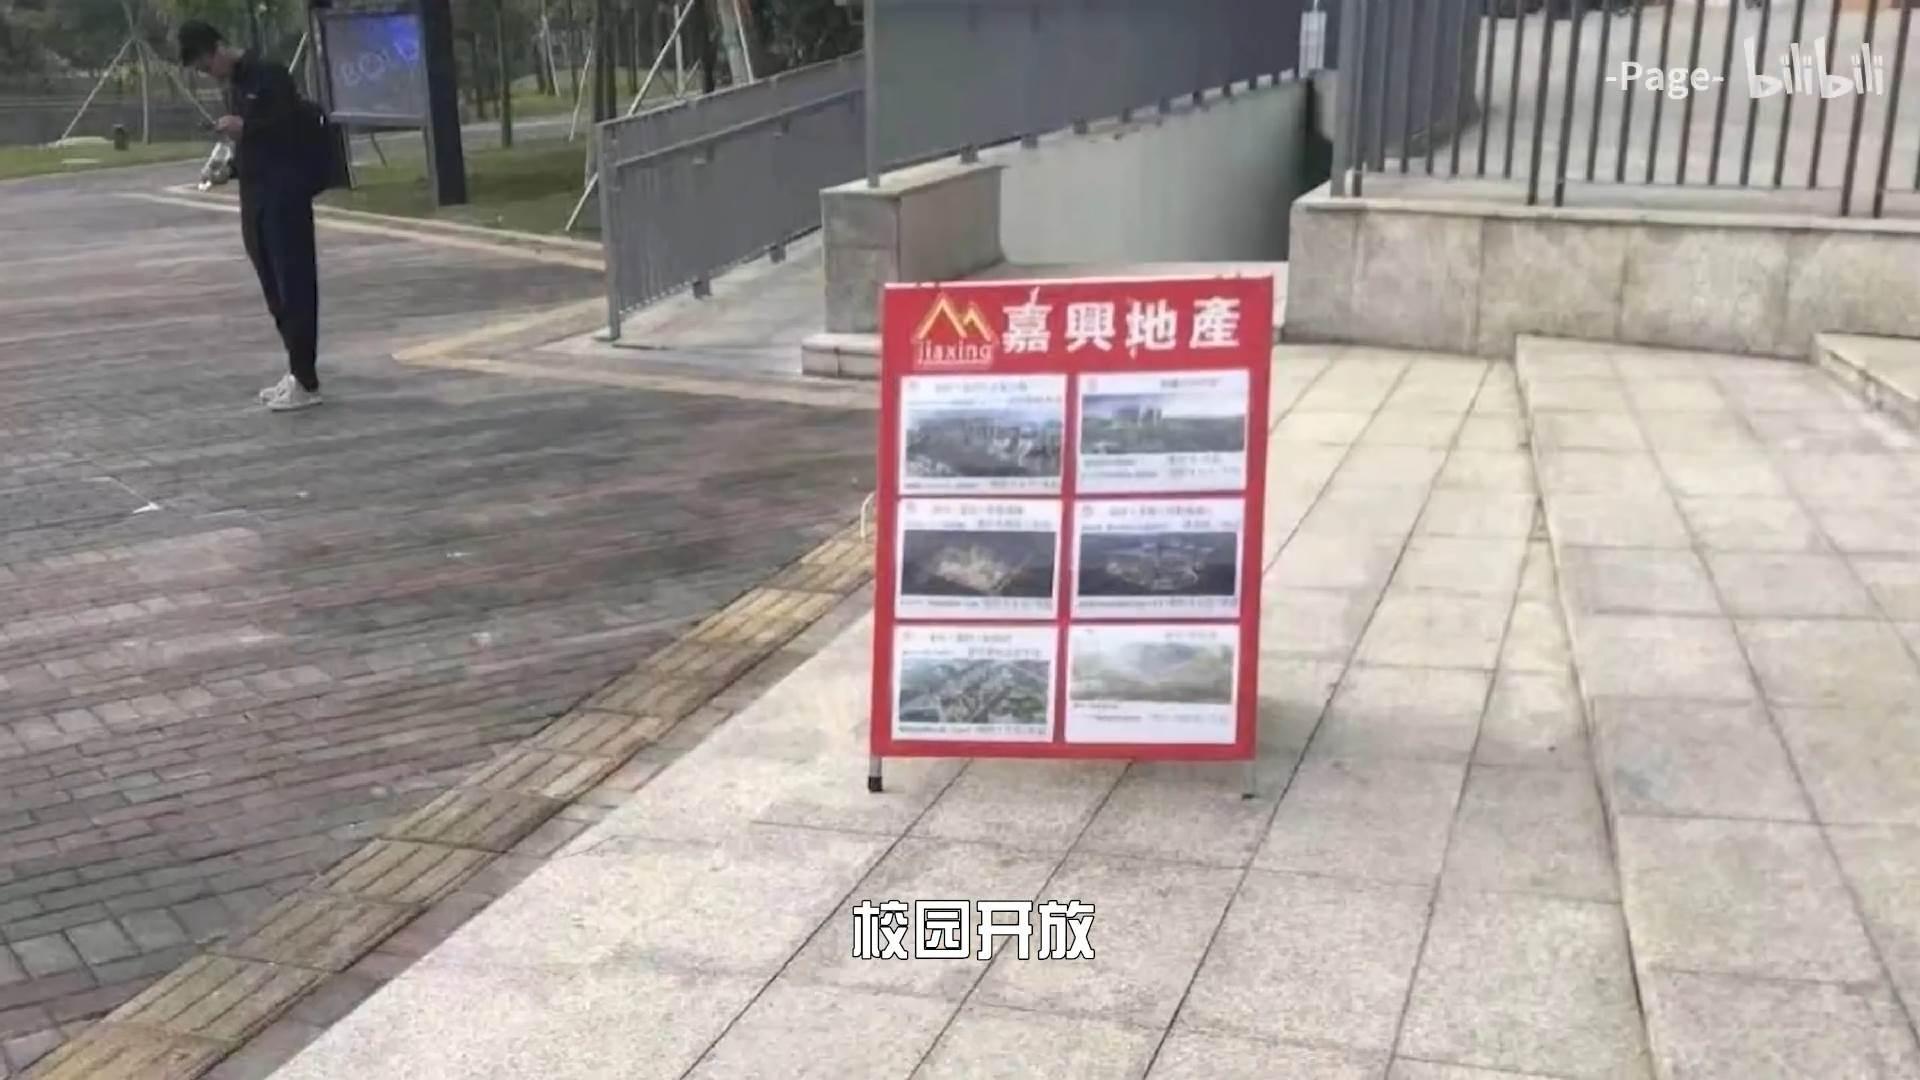 校园开放后,教学楼出现的房地产广告